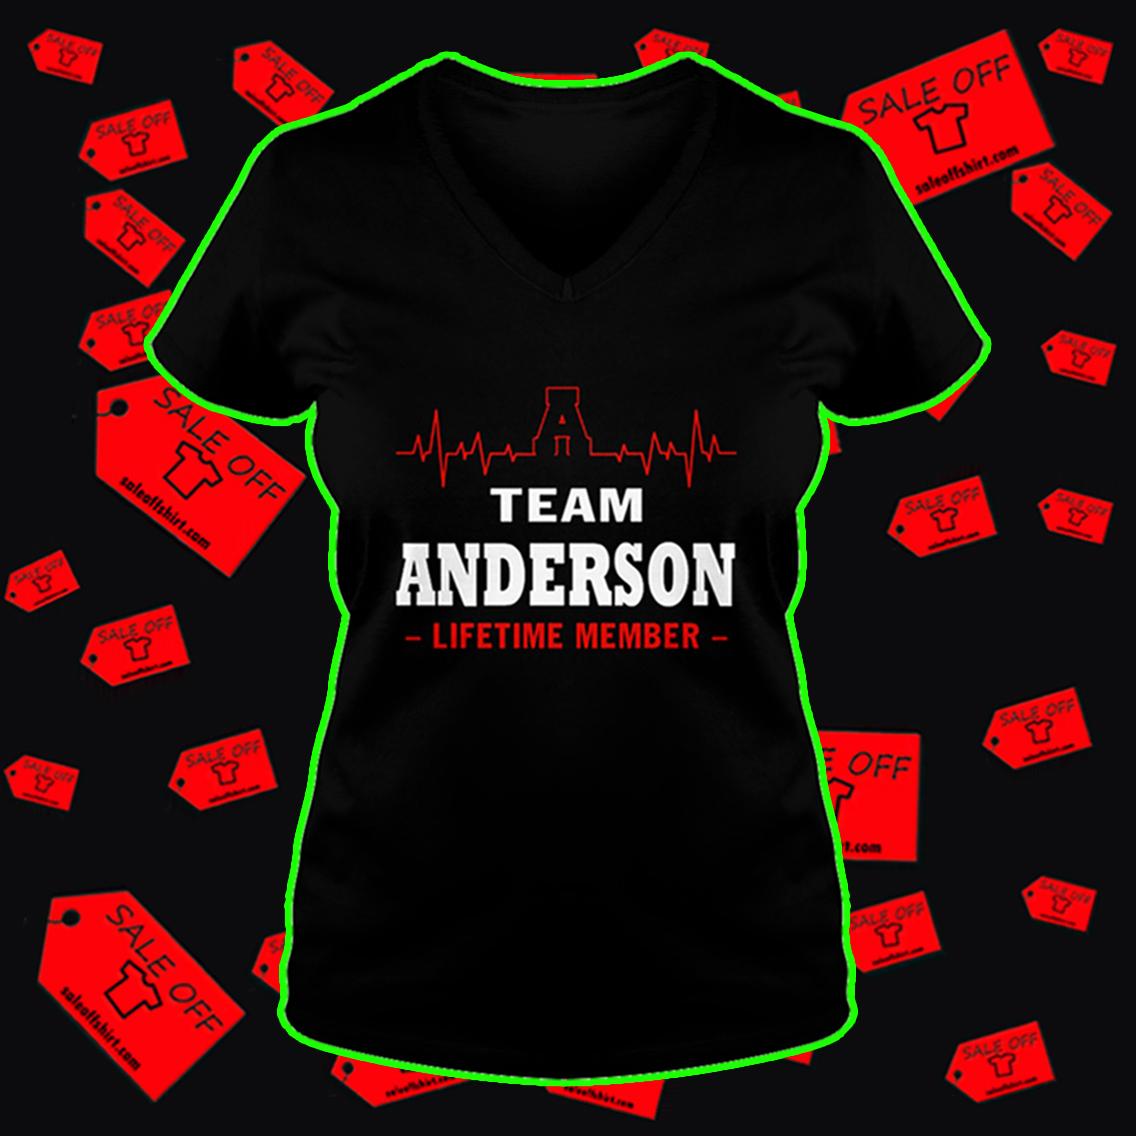 Team Anderson lifetime member v-neck